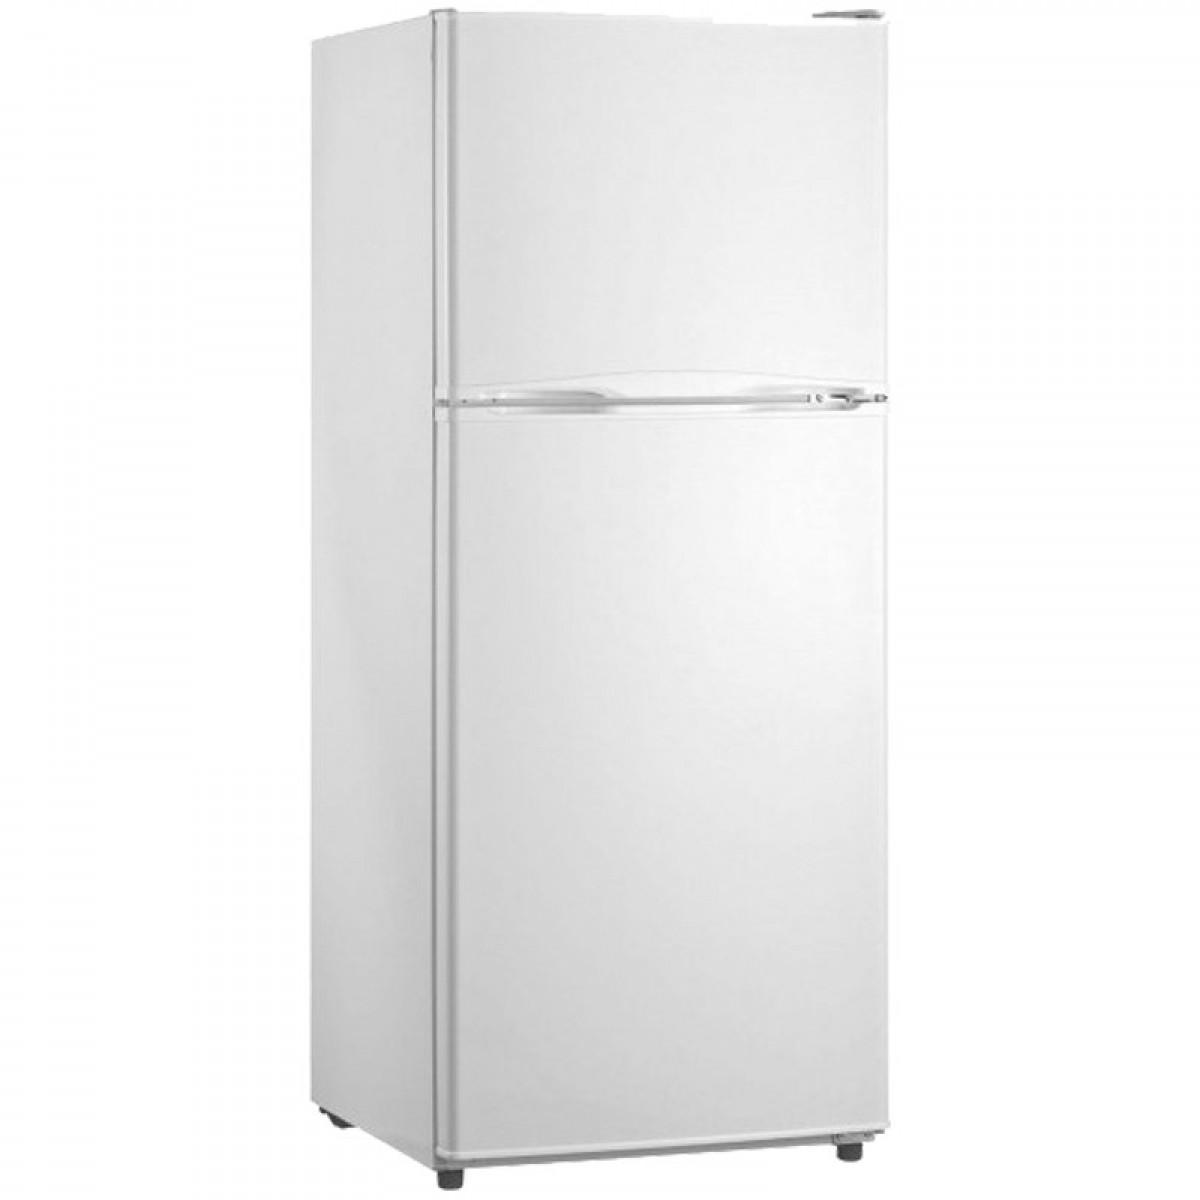 MIDEA - Réfrigérateur HD-312FW defrost 350 Litres - Blanc prix tunisie